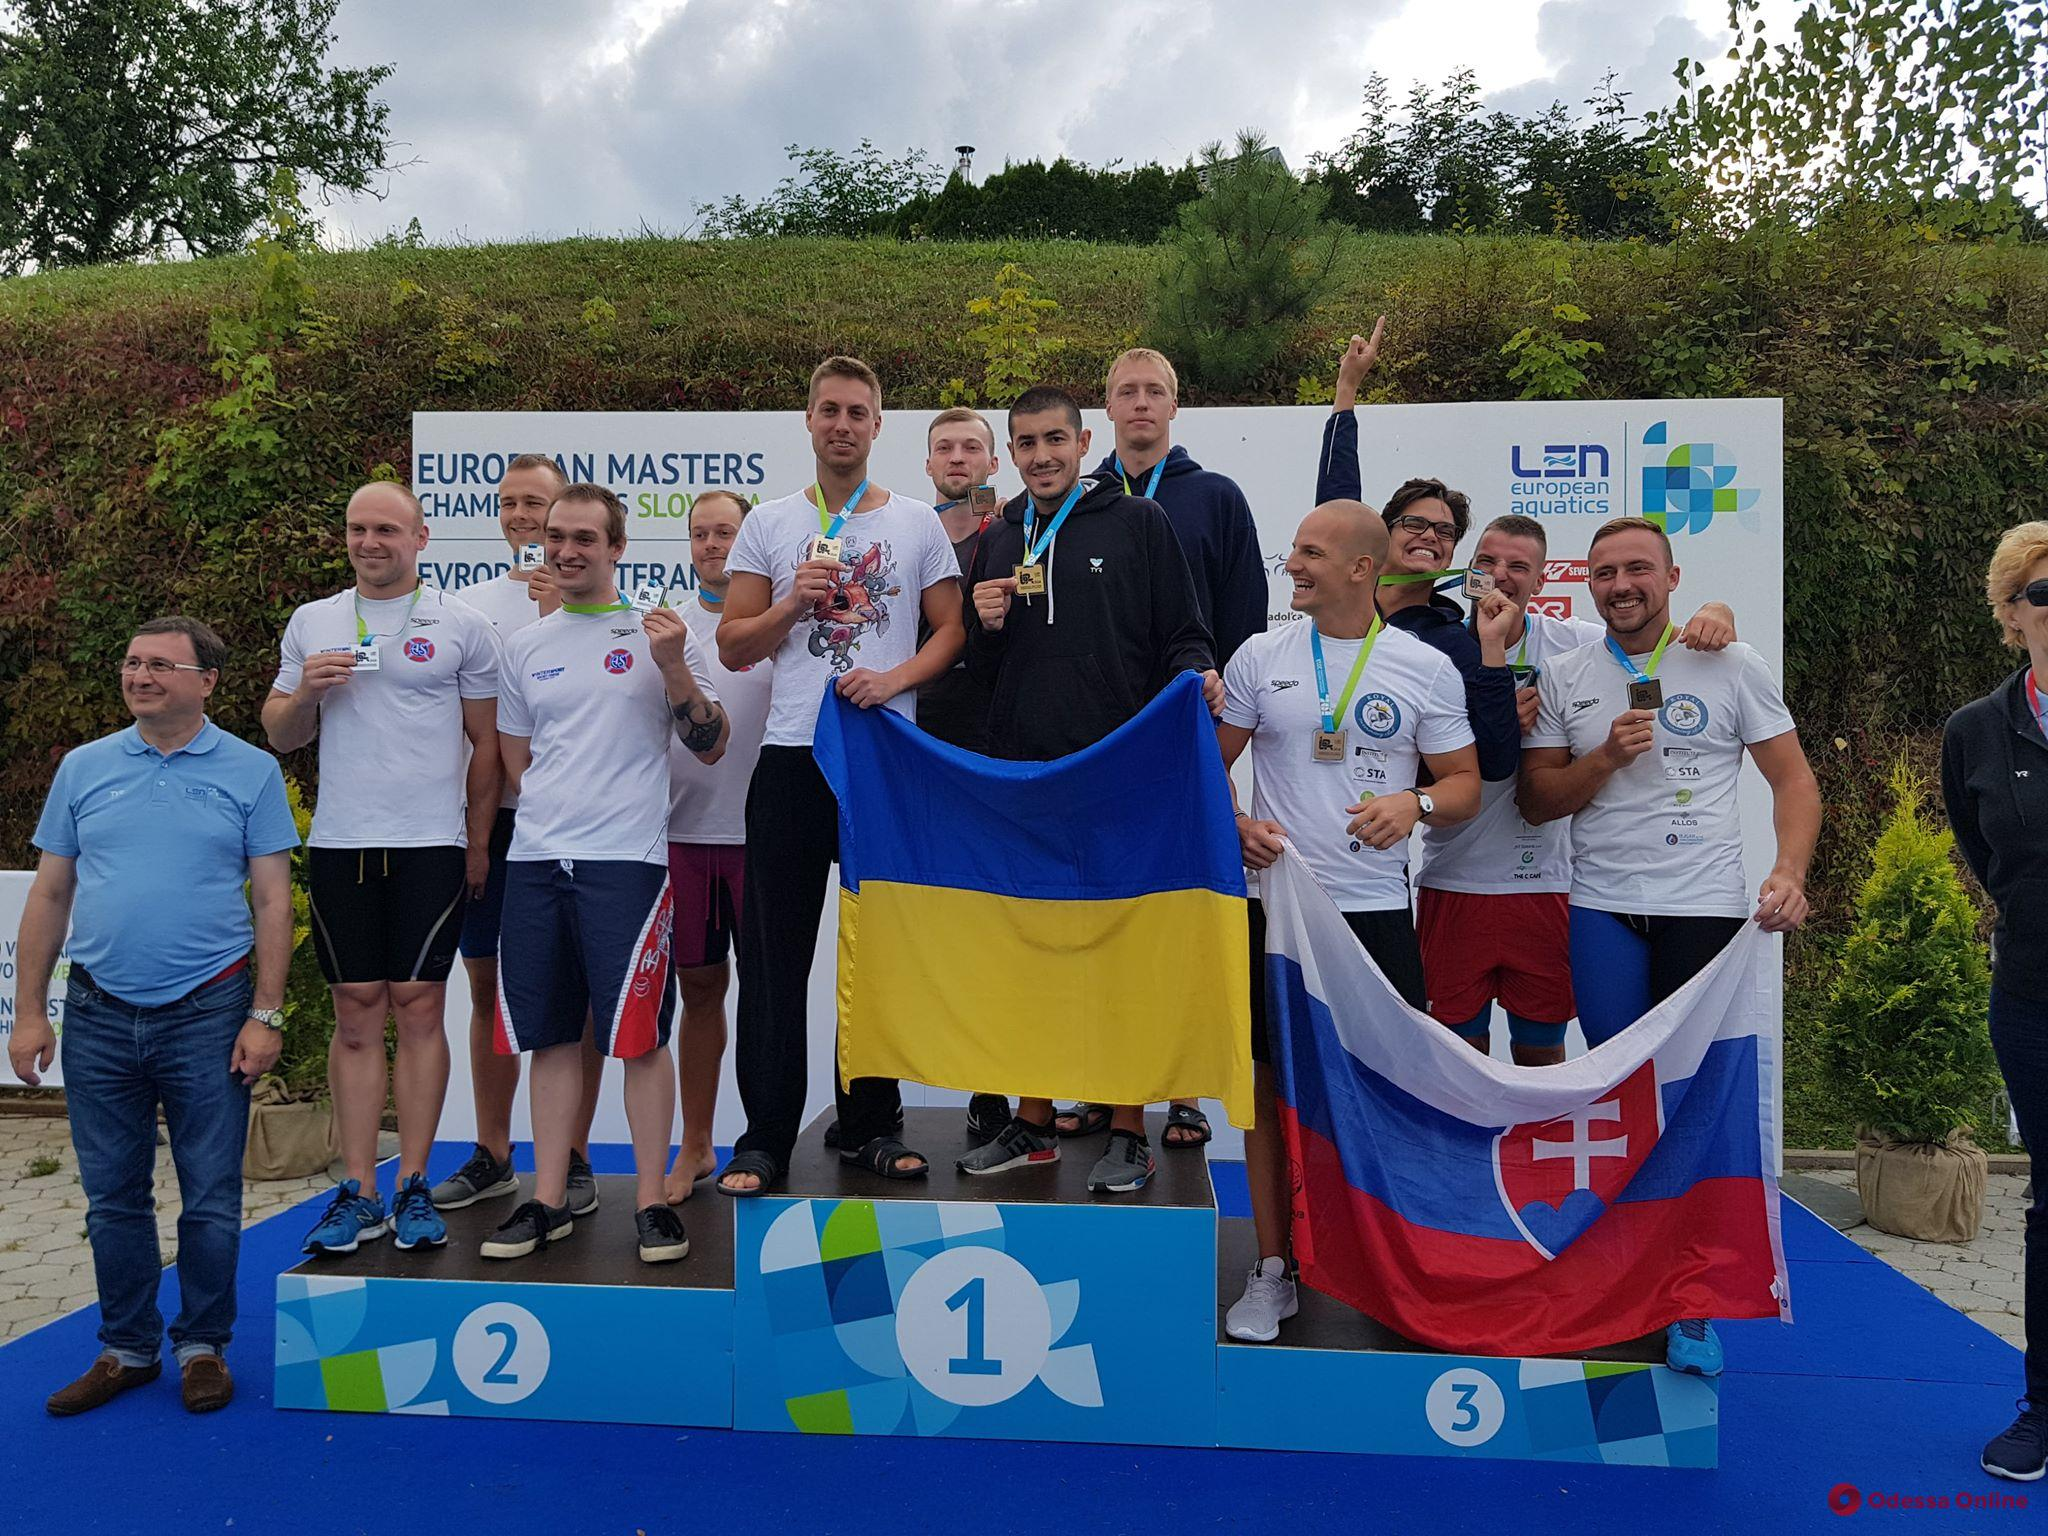 Представители Одессы удачно выступили на чемпионате Европы по плаванию